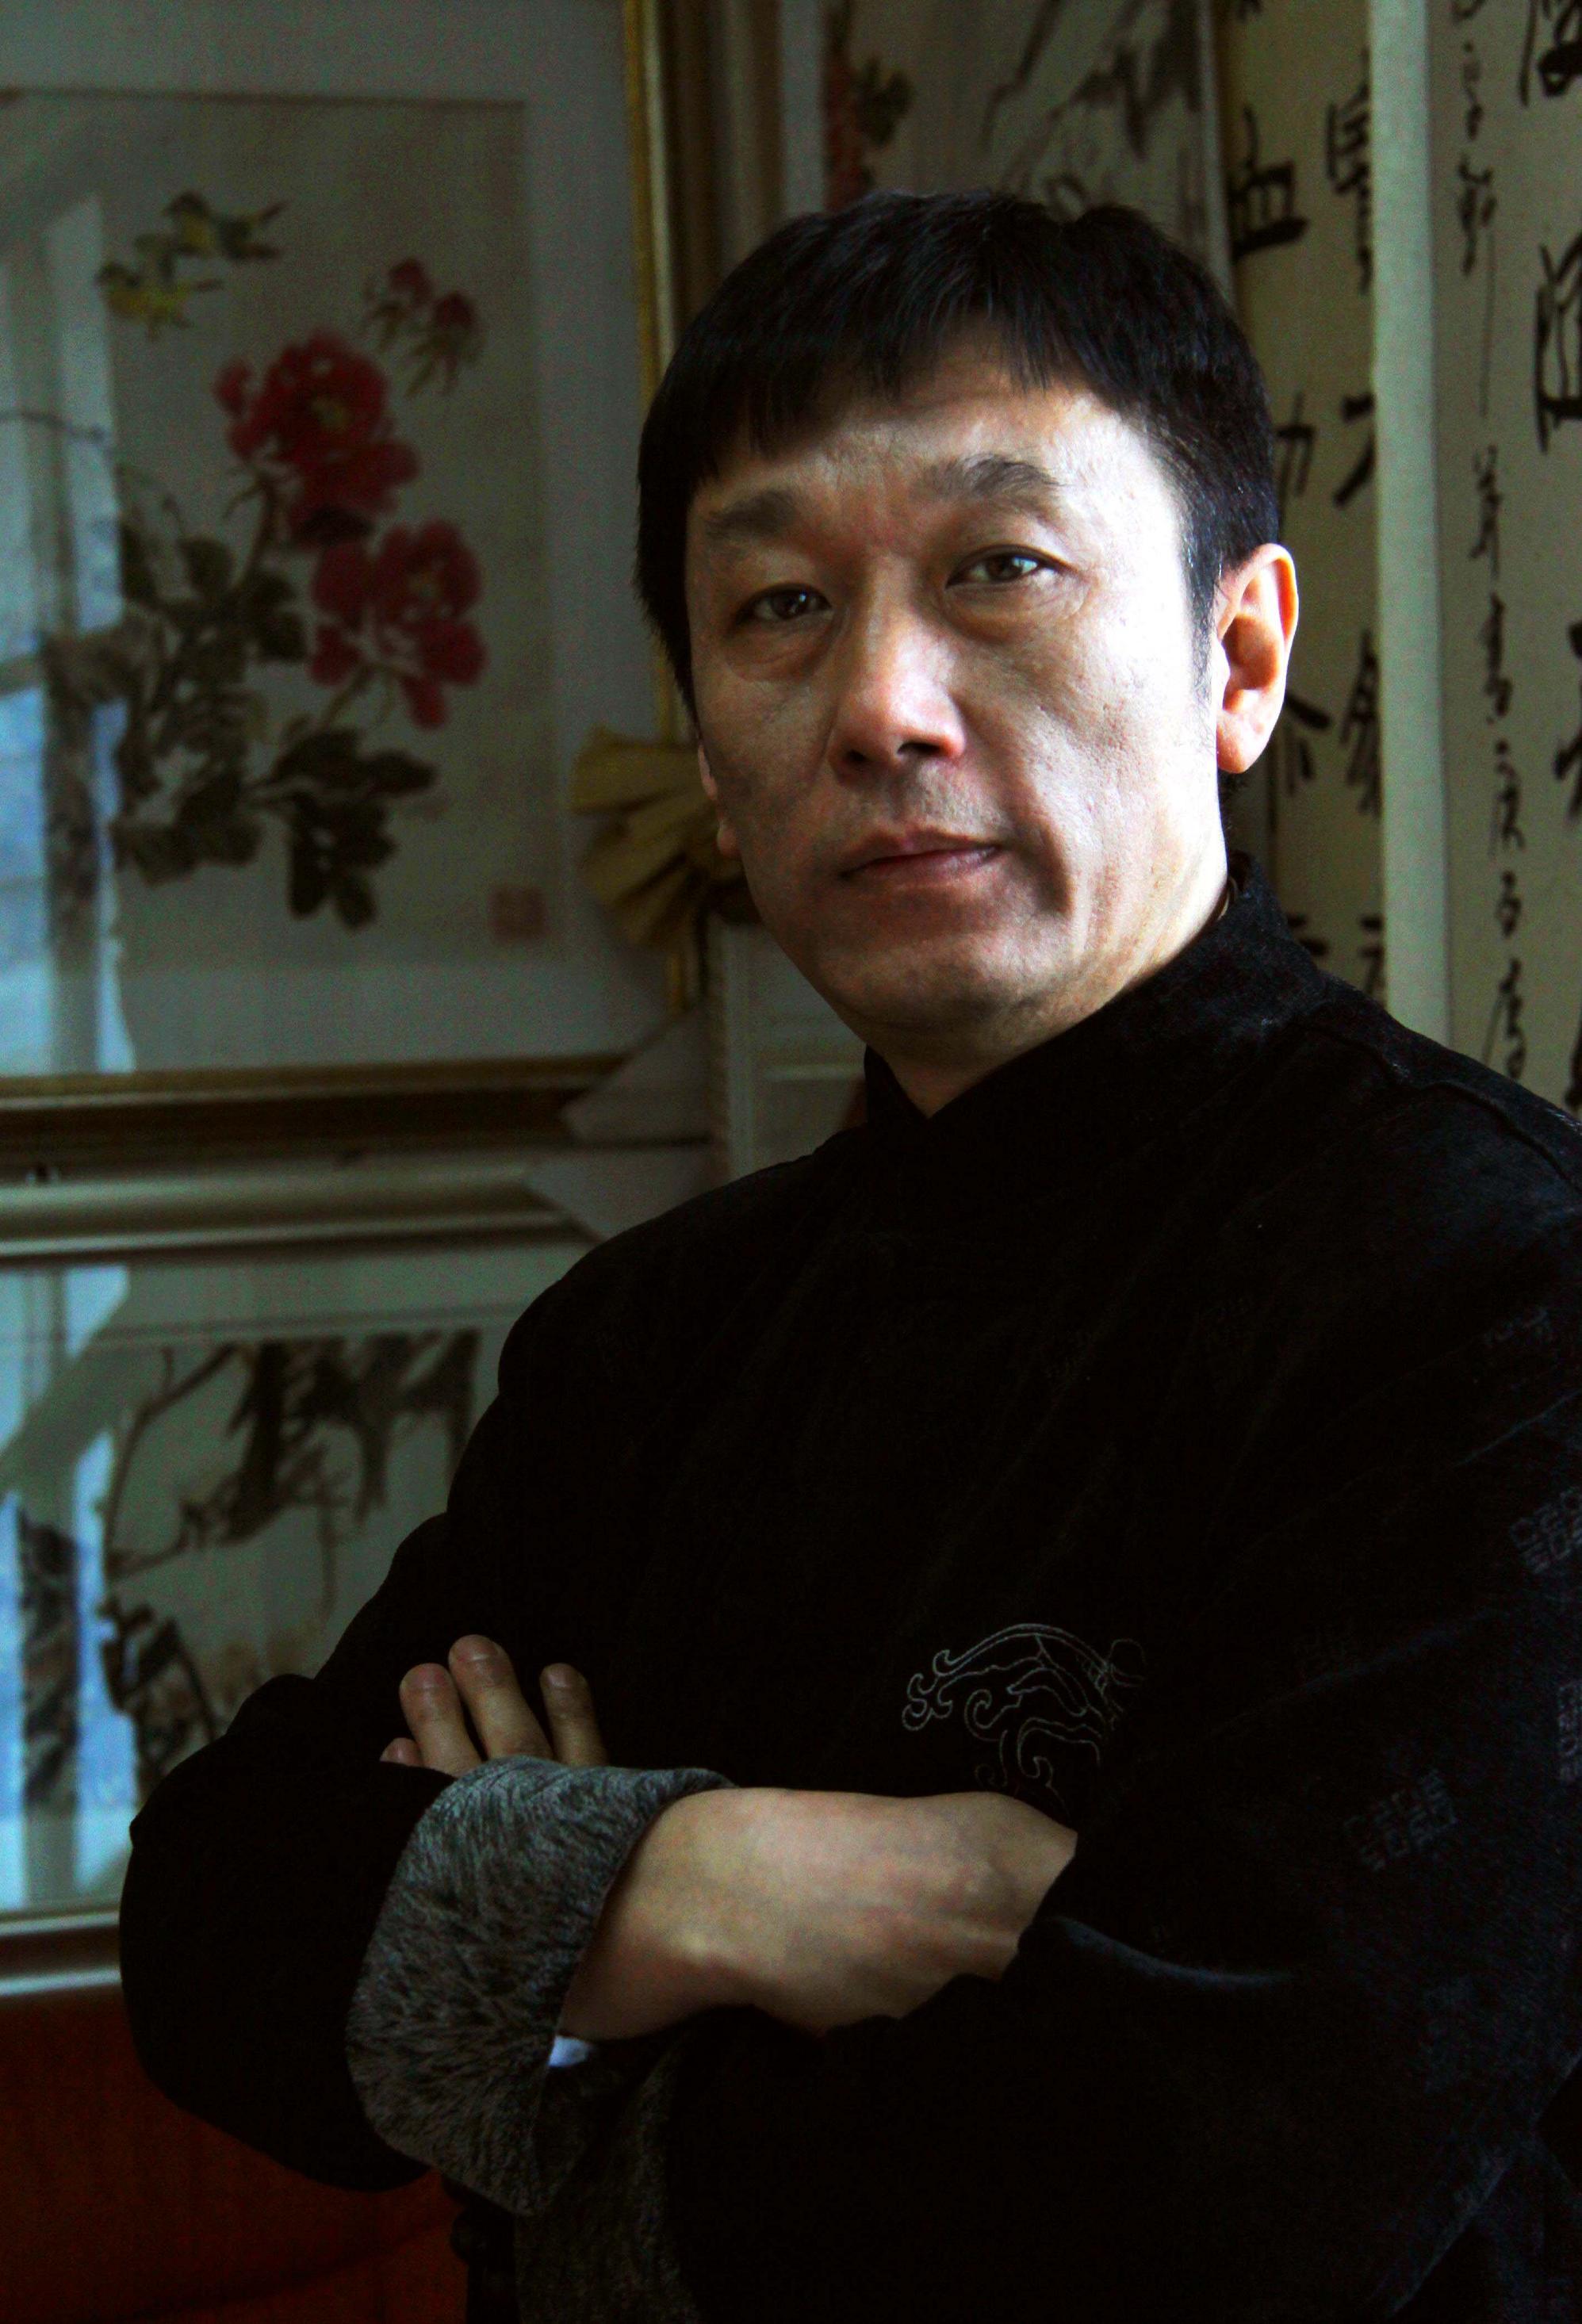 书法学院,哈尔滨师范大学,结业于中国书法家协会书法培训中心